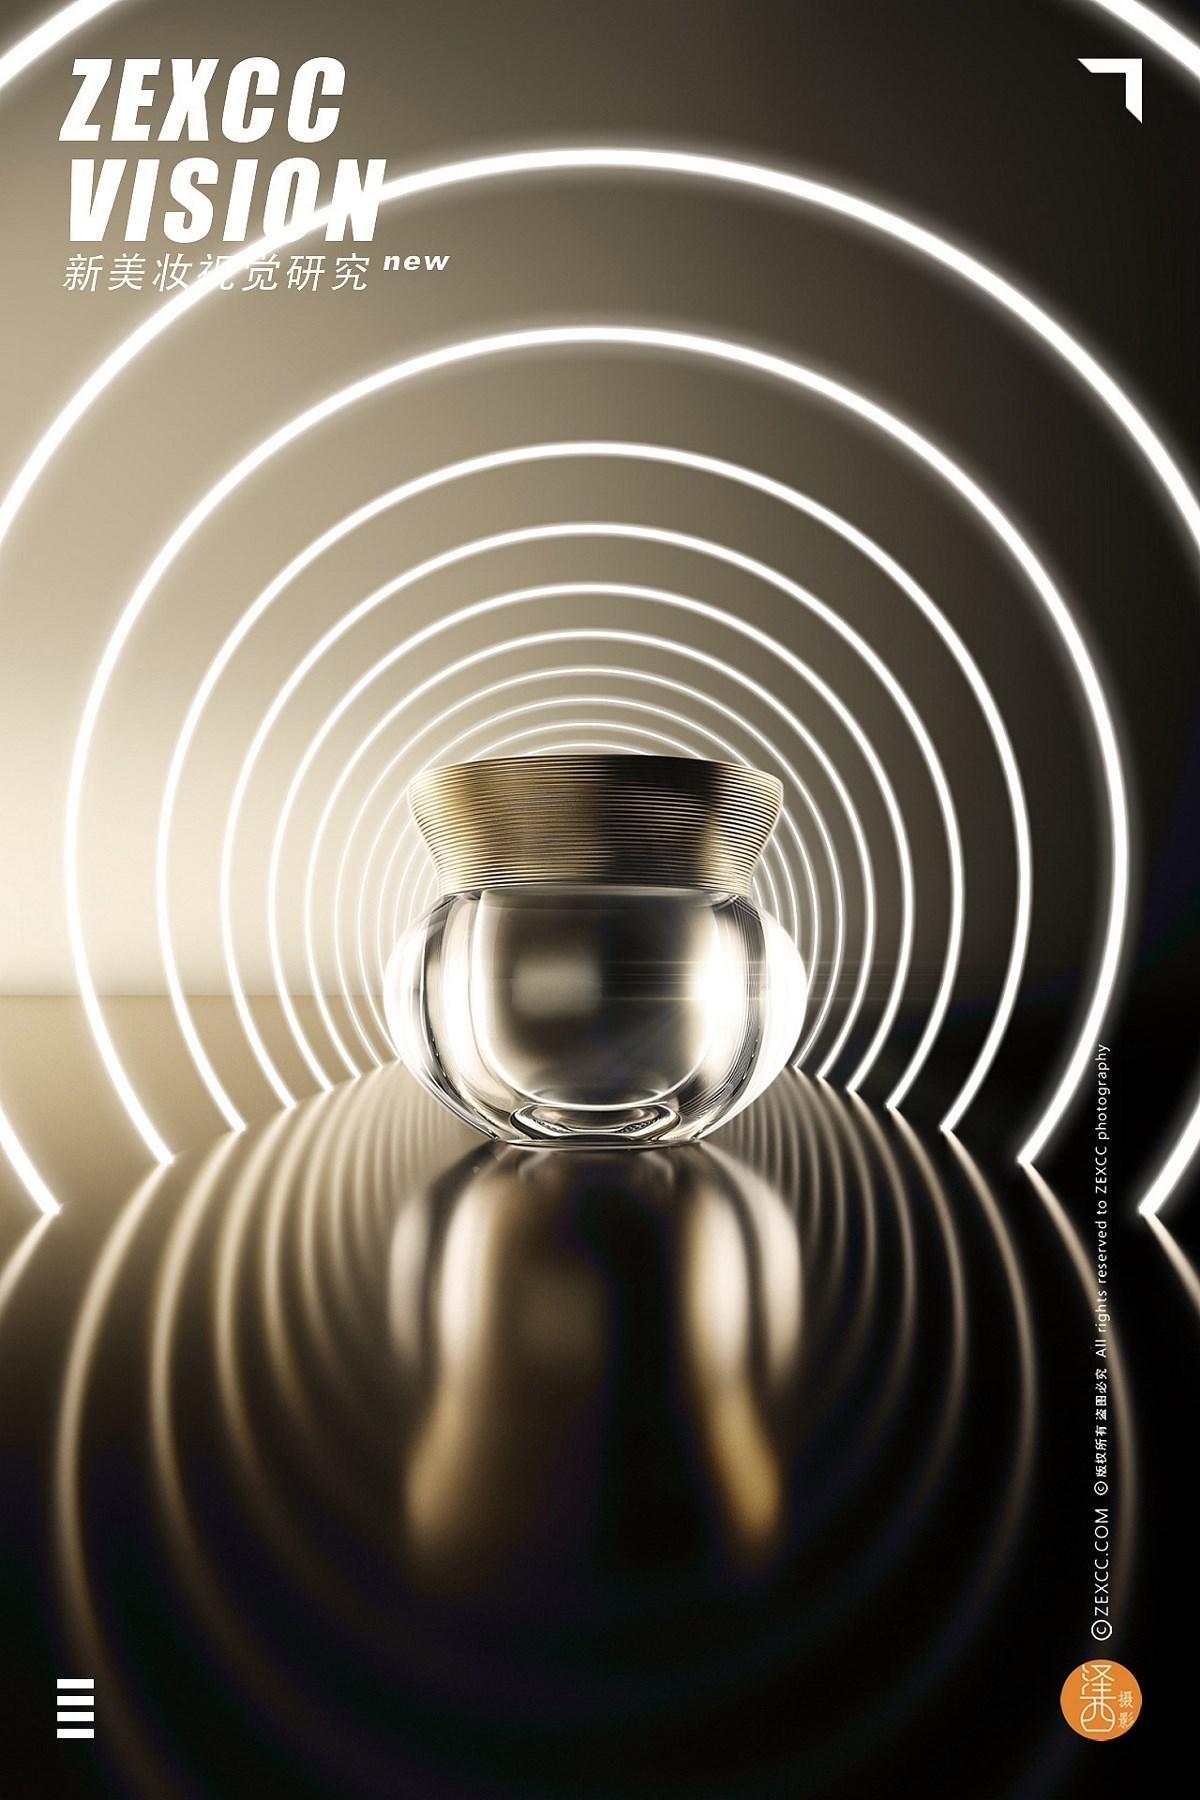 梵蜜琳贵妇膏 ✖ 泽西摄影 | 新美妆视觉